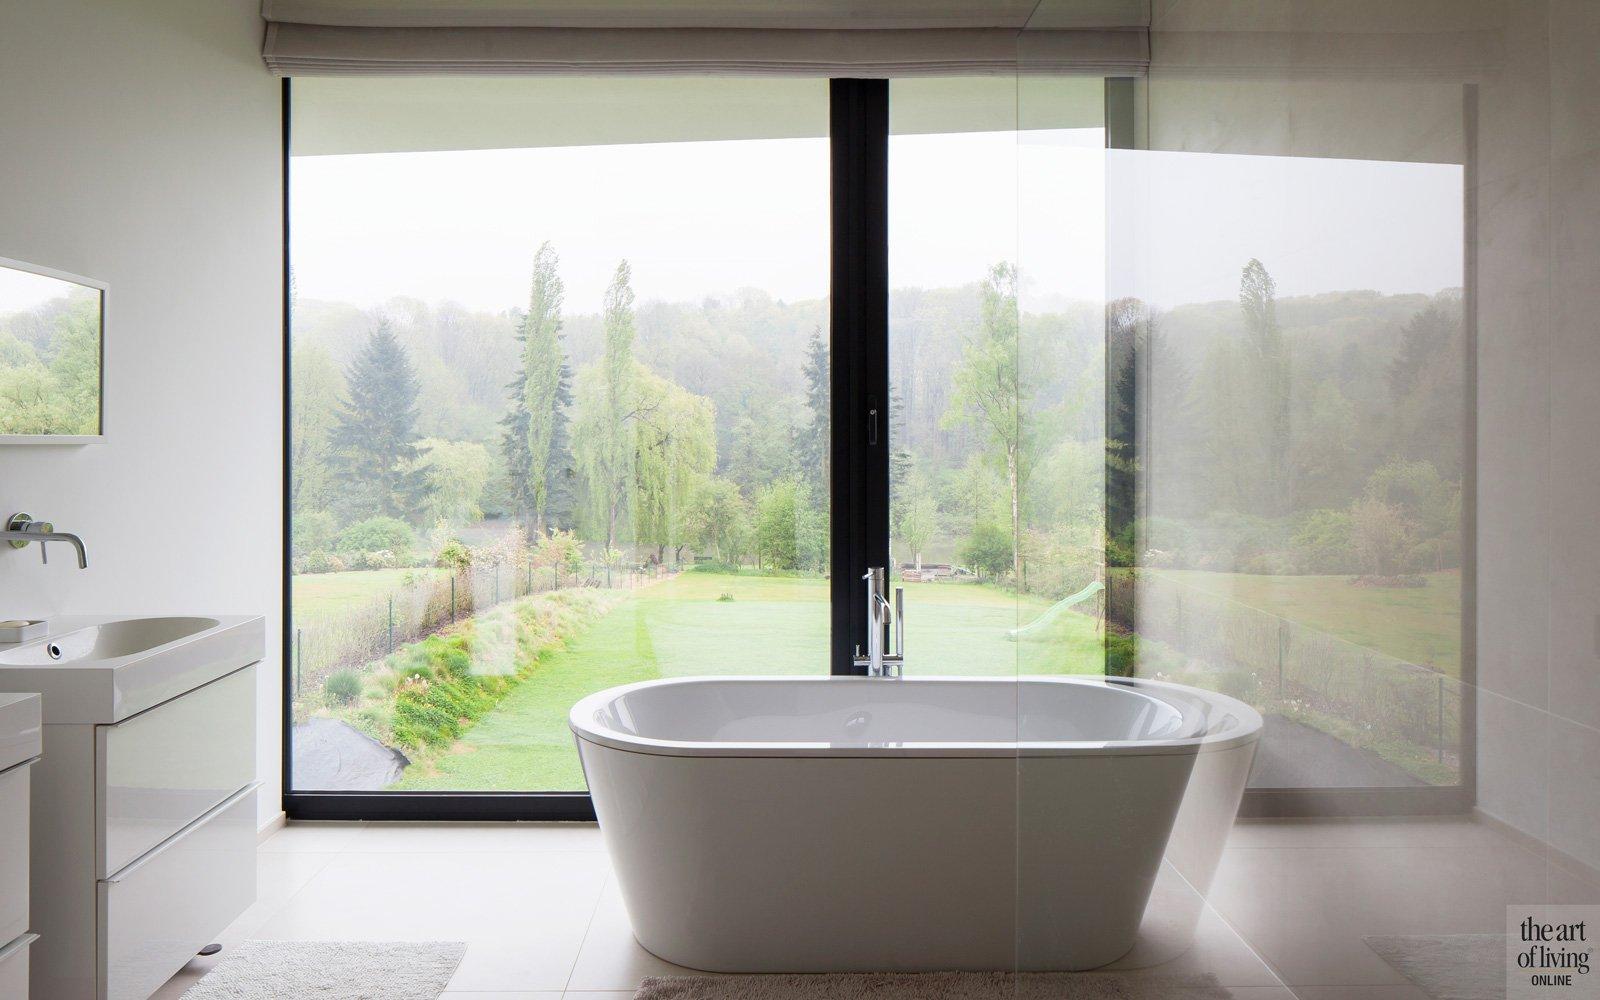 Badkamer, vrijstaand bad, uitzicht, Hervé vanden Haute